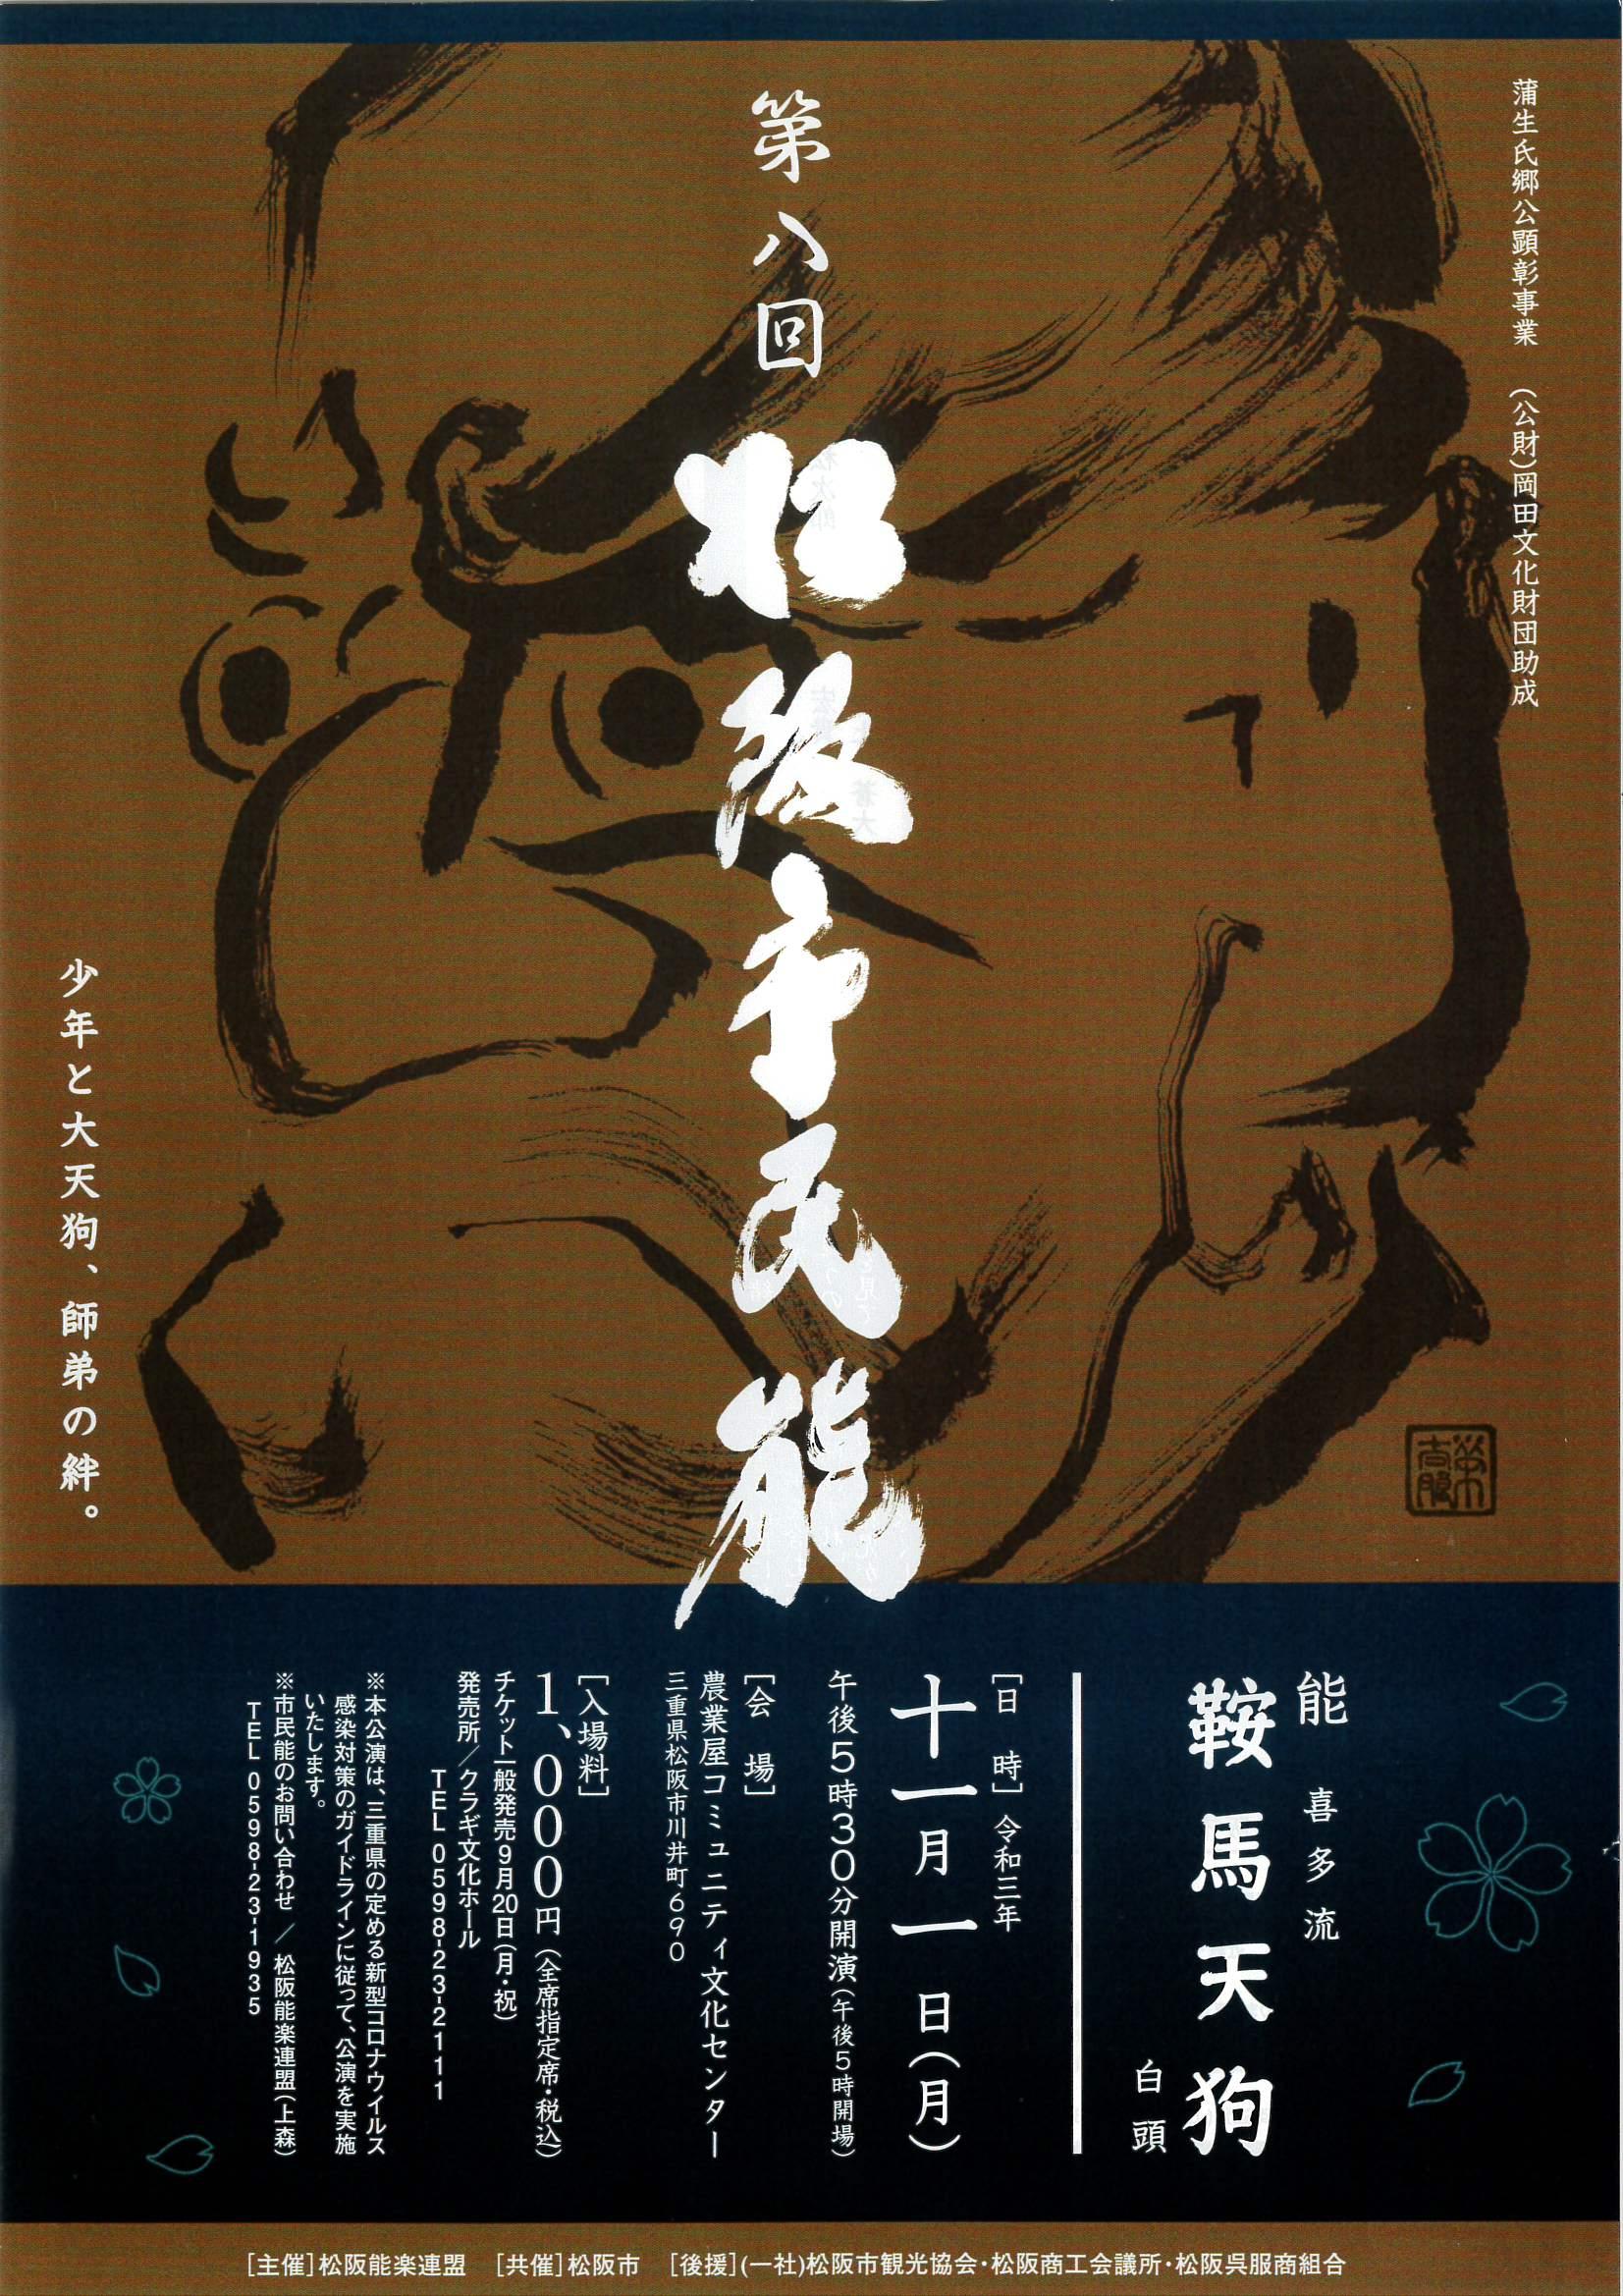 第8回 松阪市民能 令和3年11月1日(月)  【開催中止のお知らせ】